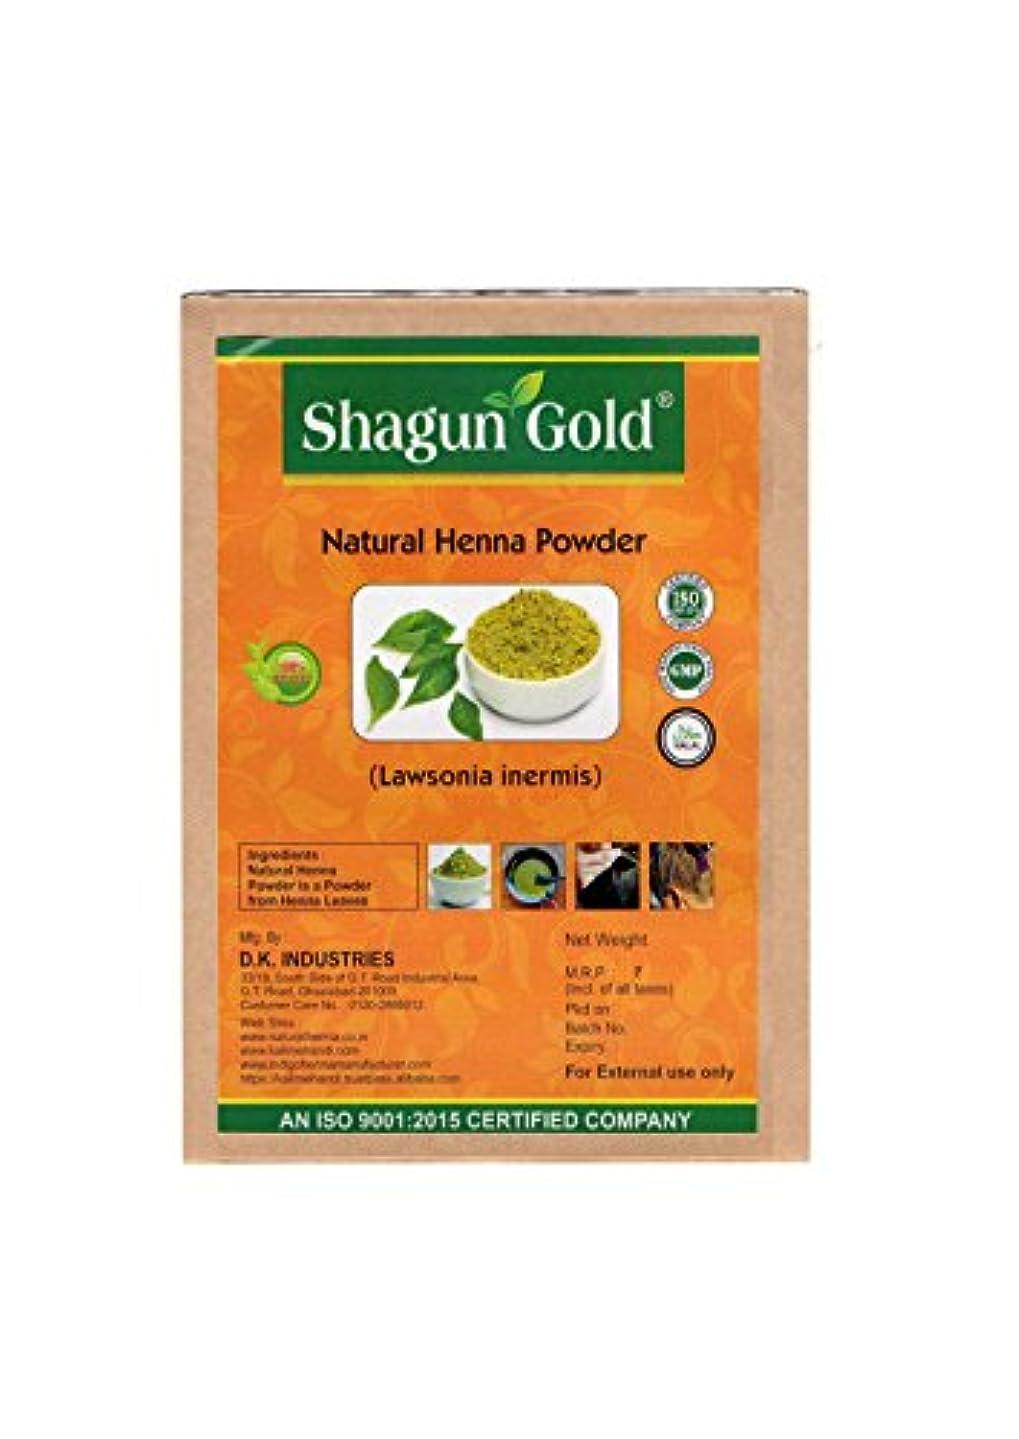 推定体現する預言者Shagun Gold A 100% Natural ( lawsonia Inermis ) Natural Henna Powder For Hair Certified By Gmp / Halal / ISO-9001...